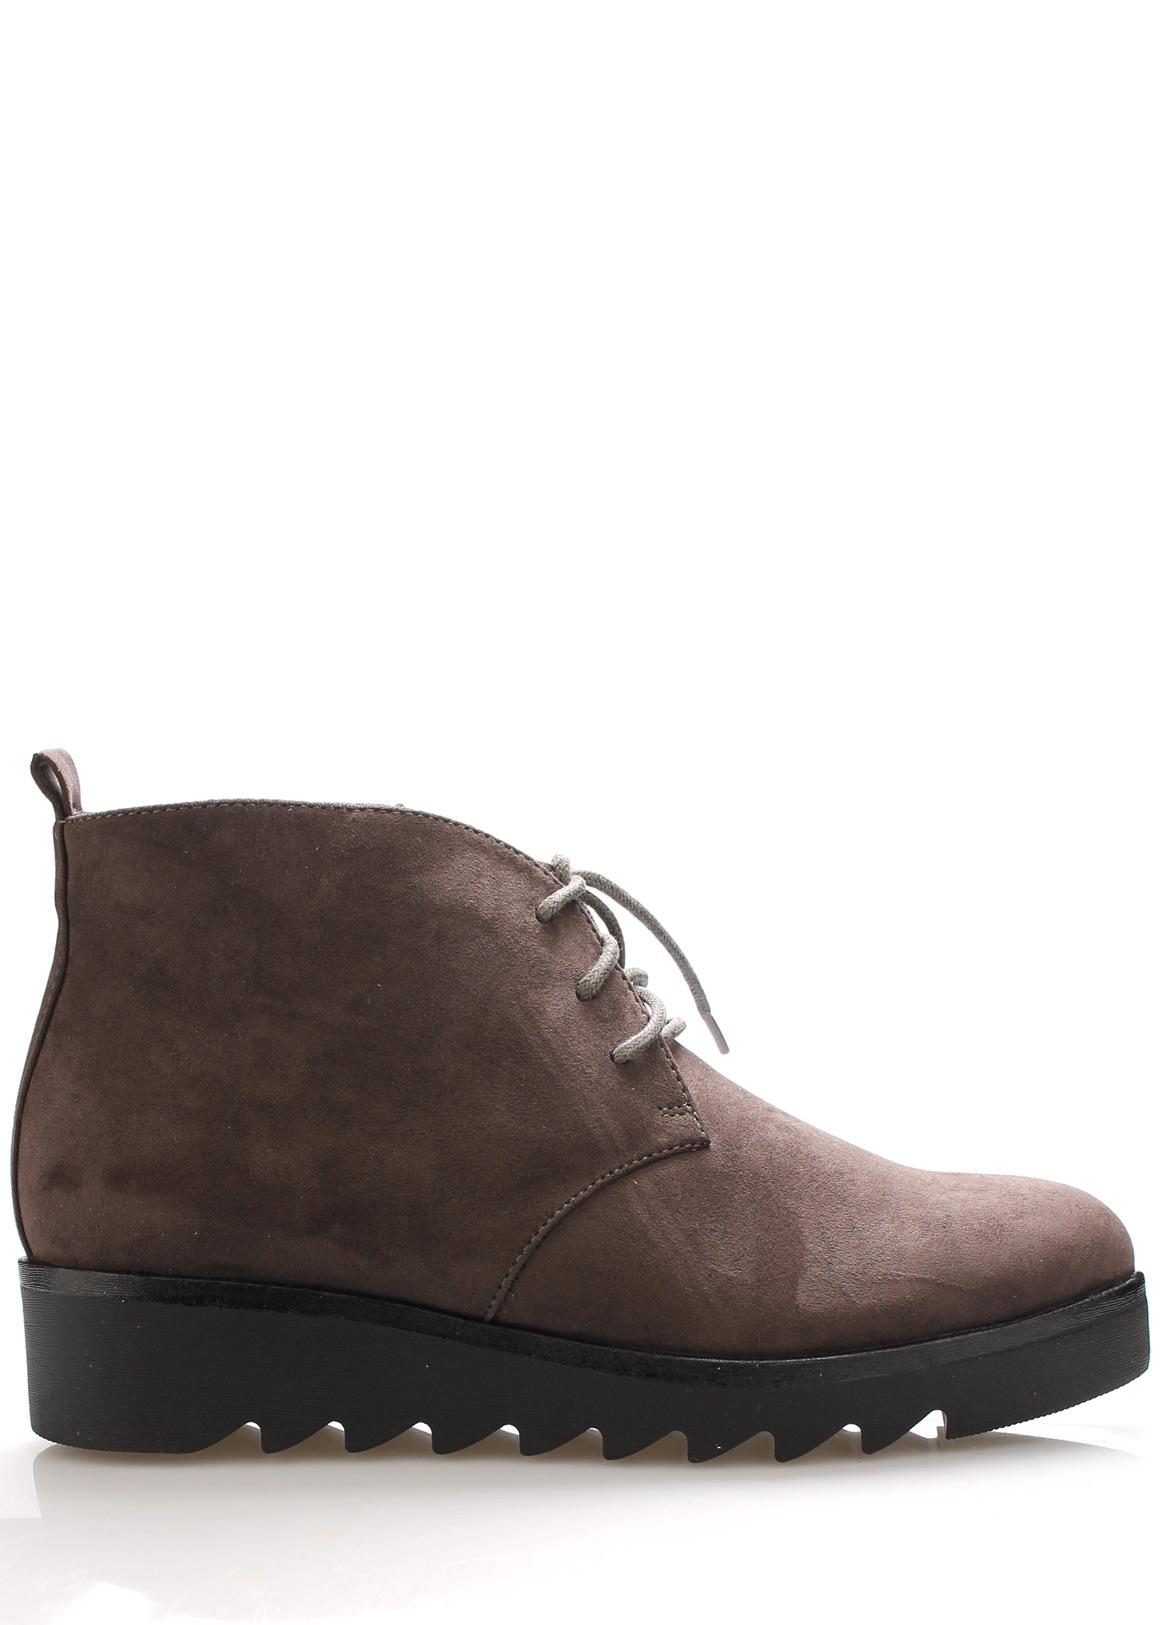 Levně Šedé kotníkové boty s tkaničkami Claudia Ghizzani Velikost: 41